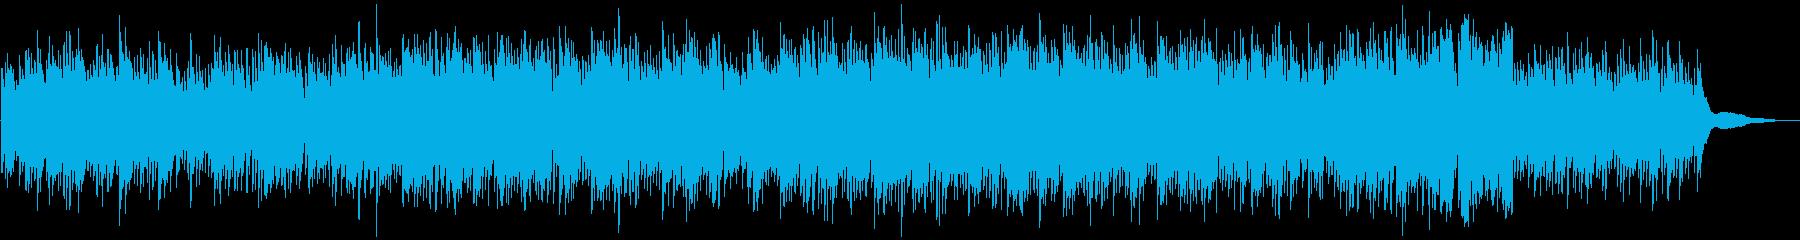 ピアノ癒しの空間で安らぎヒーリング感動的の再生済みの波形